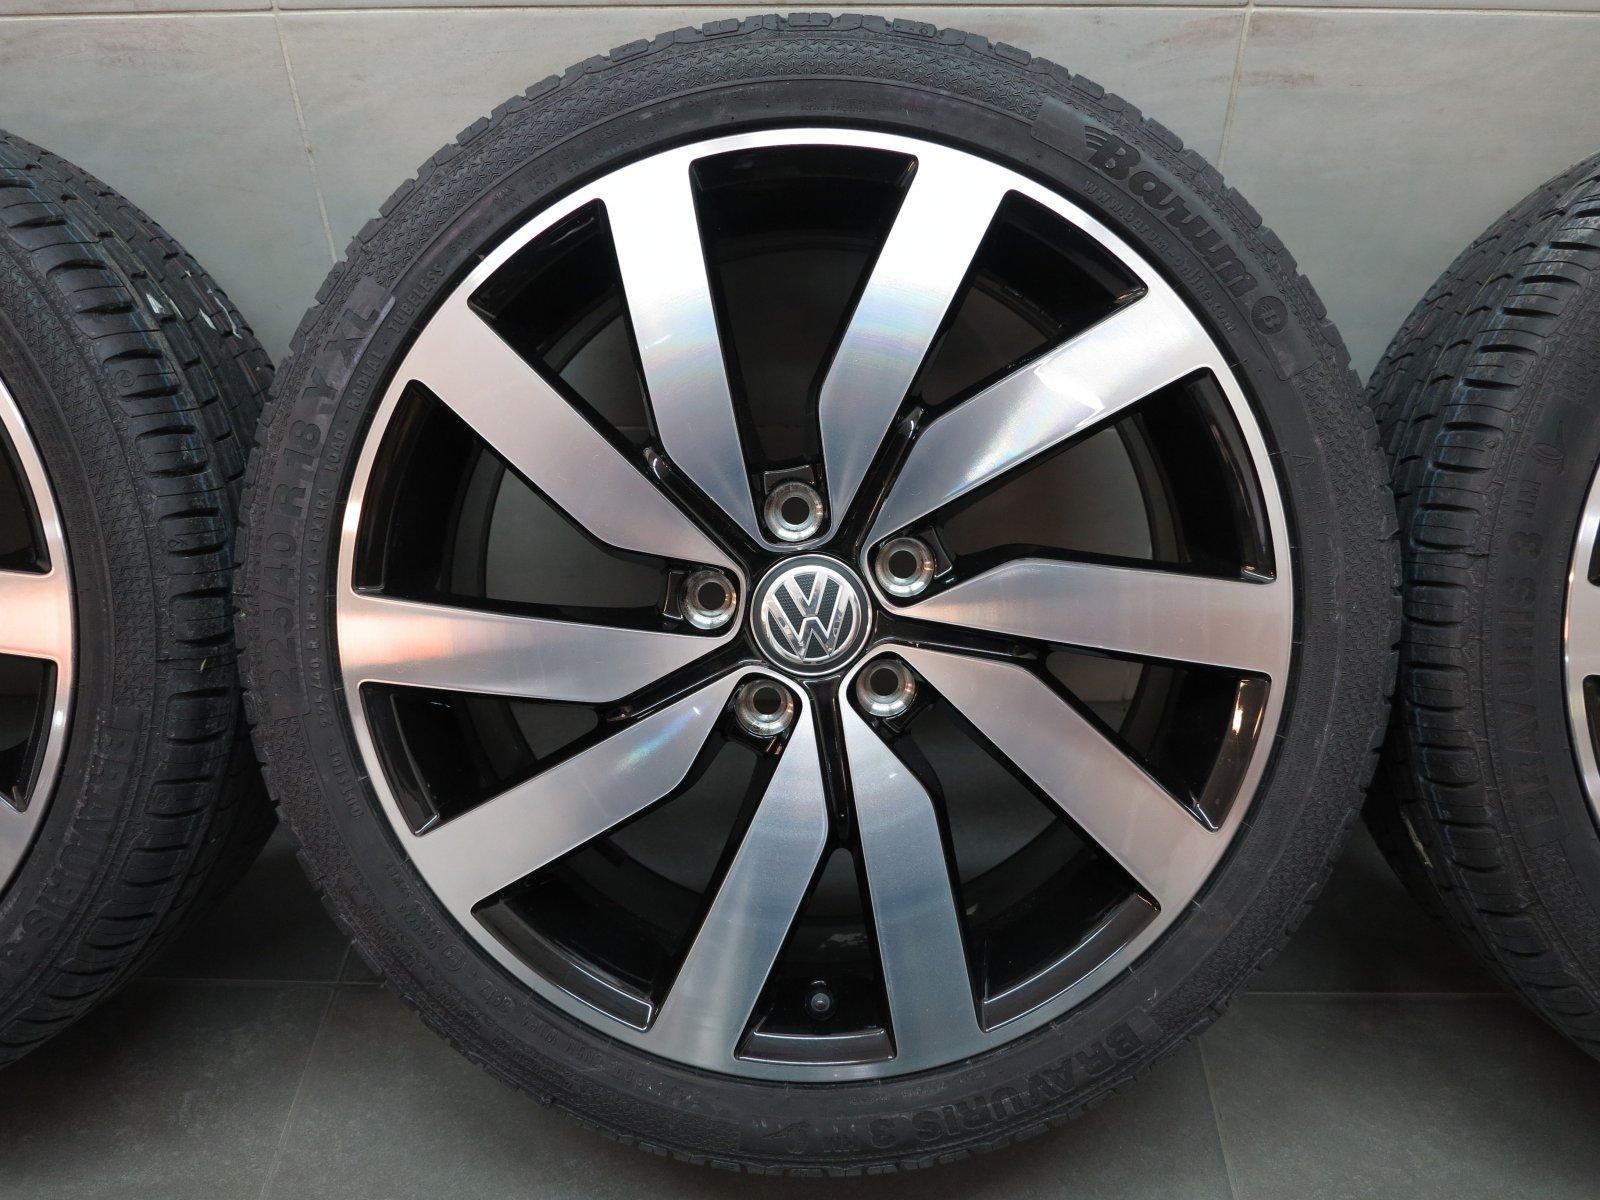 18 pouces pneus d 39 t originaux vw golf vi vii marseille. Black Bedroom Furniture Sets. Home Design Ideas